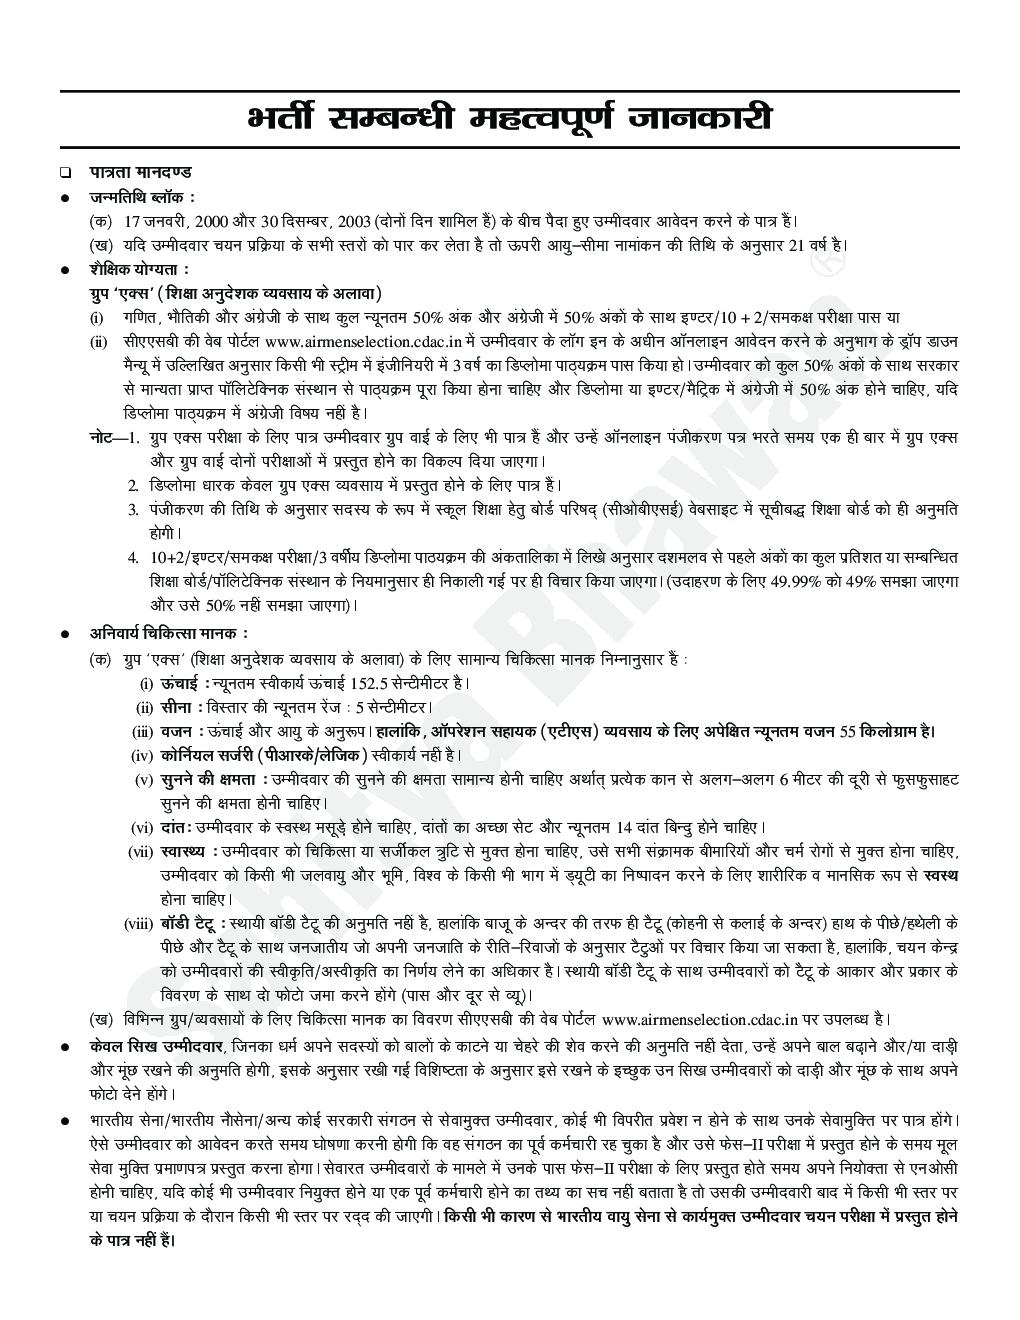 25 Practice Sets Bhartiya Vayu Seana Group \'X\' Takniki Treds Chayan Pariksha - Page 4